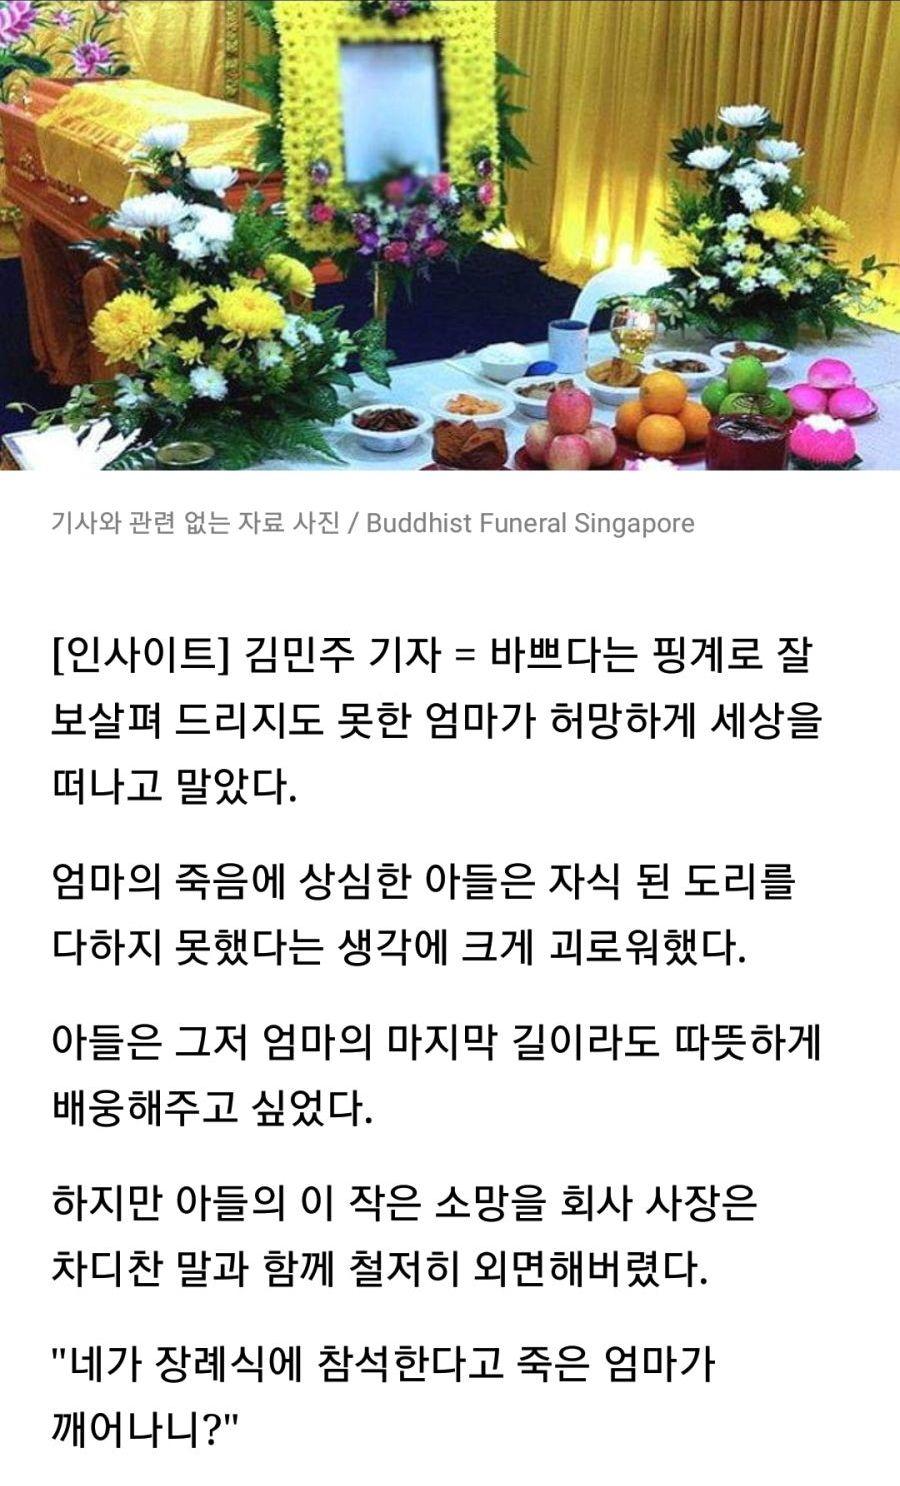 기사 관련 자료 사진 인사이트 김민주 기자 핑계 엄마 허망 세상 엄마 죽음 아들 자식 도리